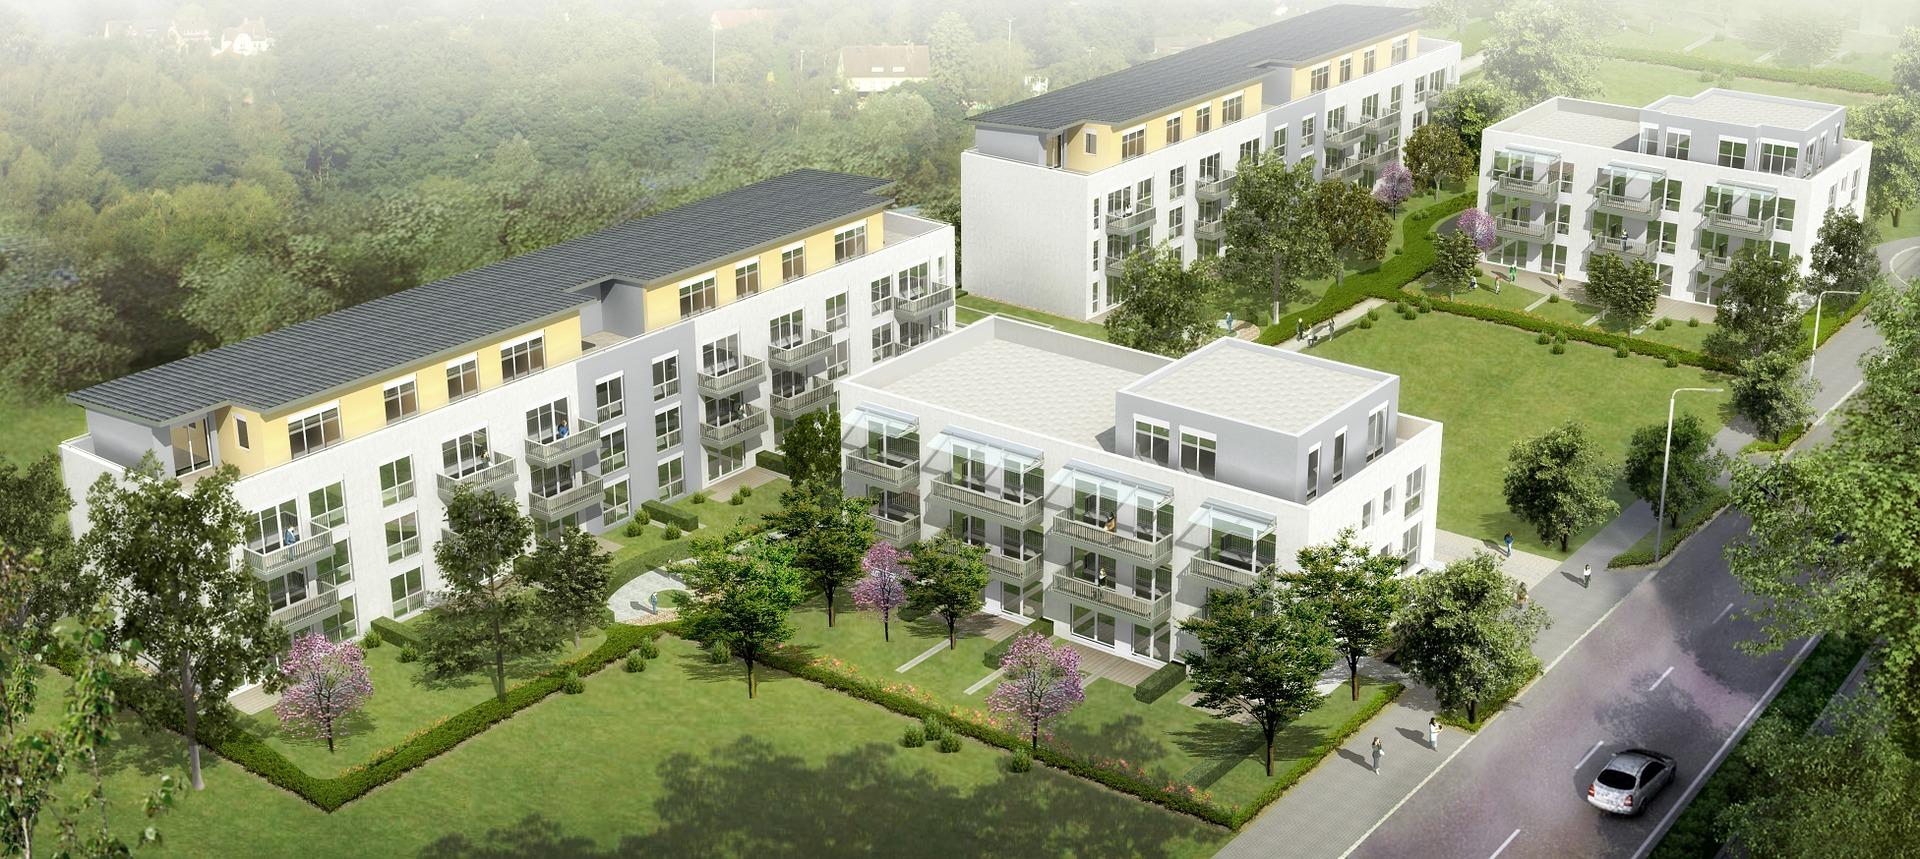 Mehrfamilienhaus - Neubau und Sanierung in Halle, Leipzig und Umgebung